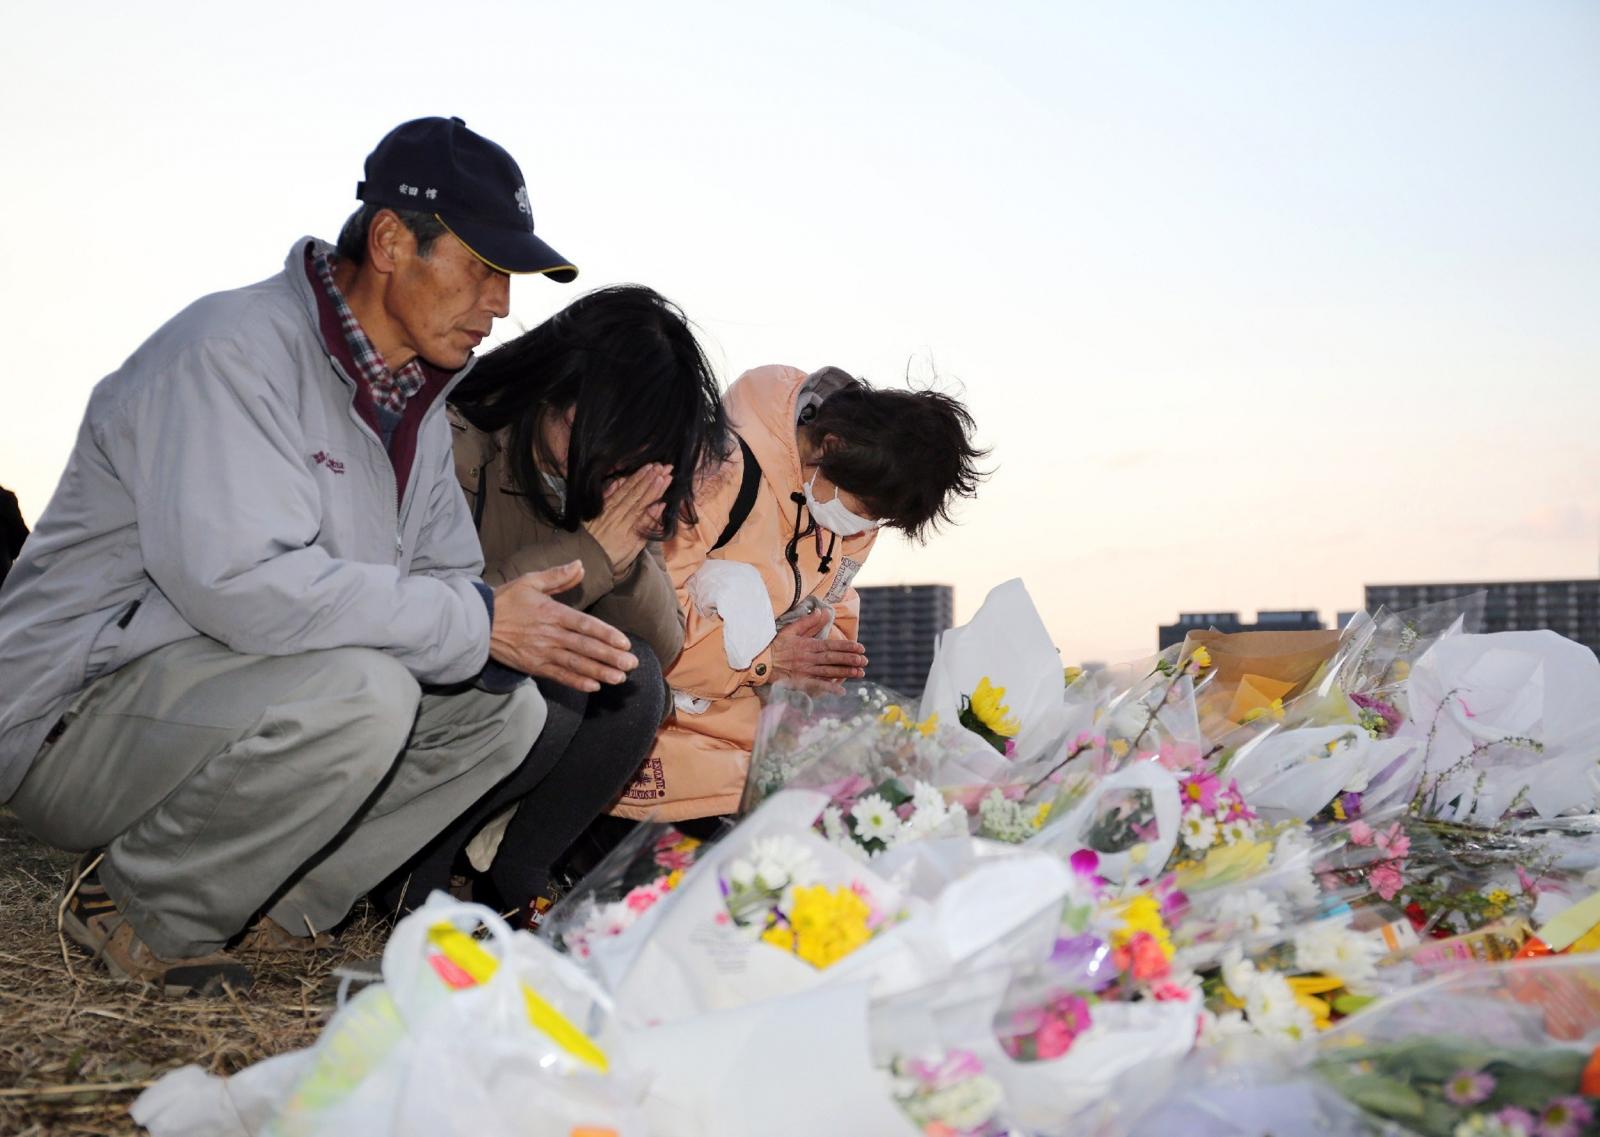 Ryota Uemura murdered in Japan